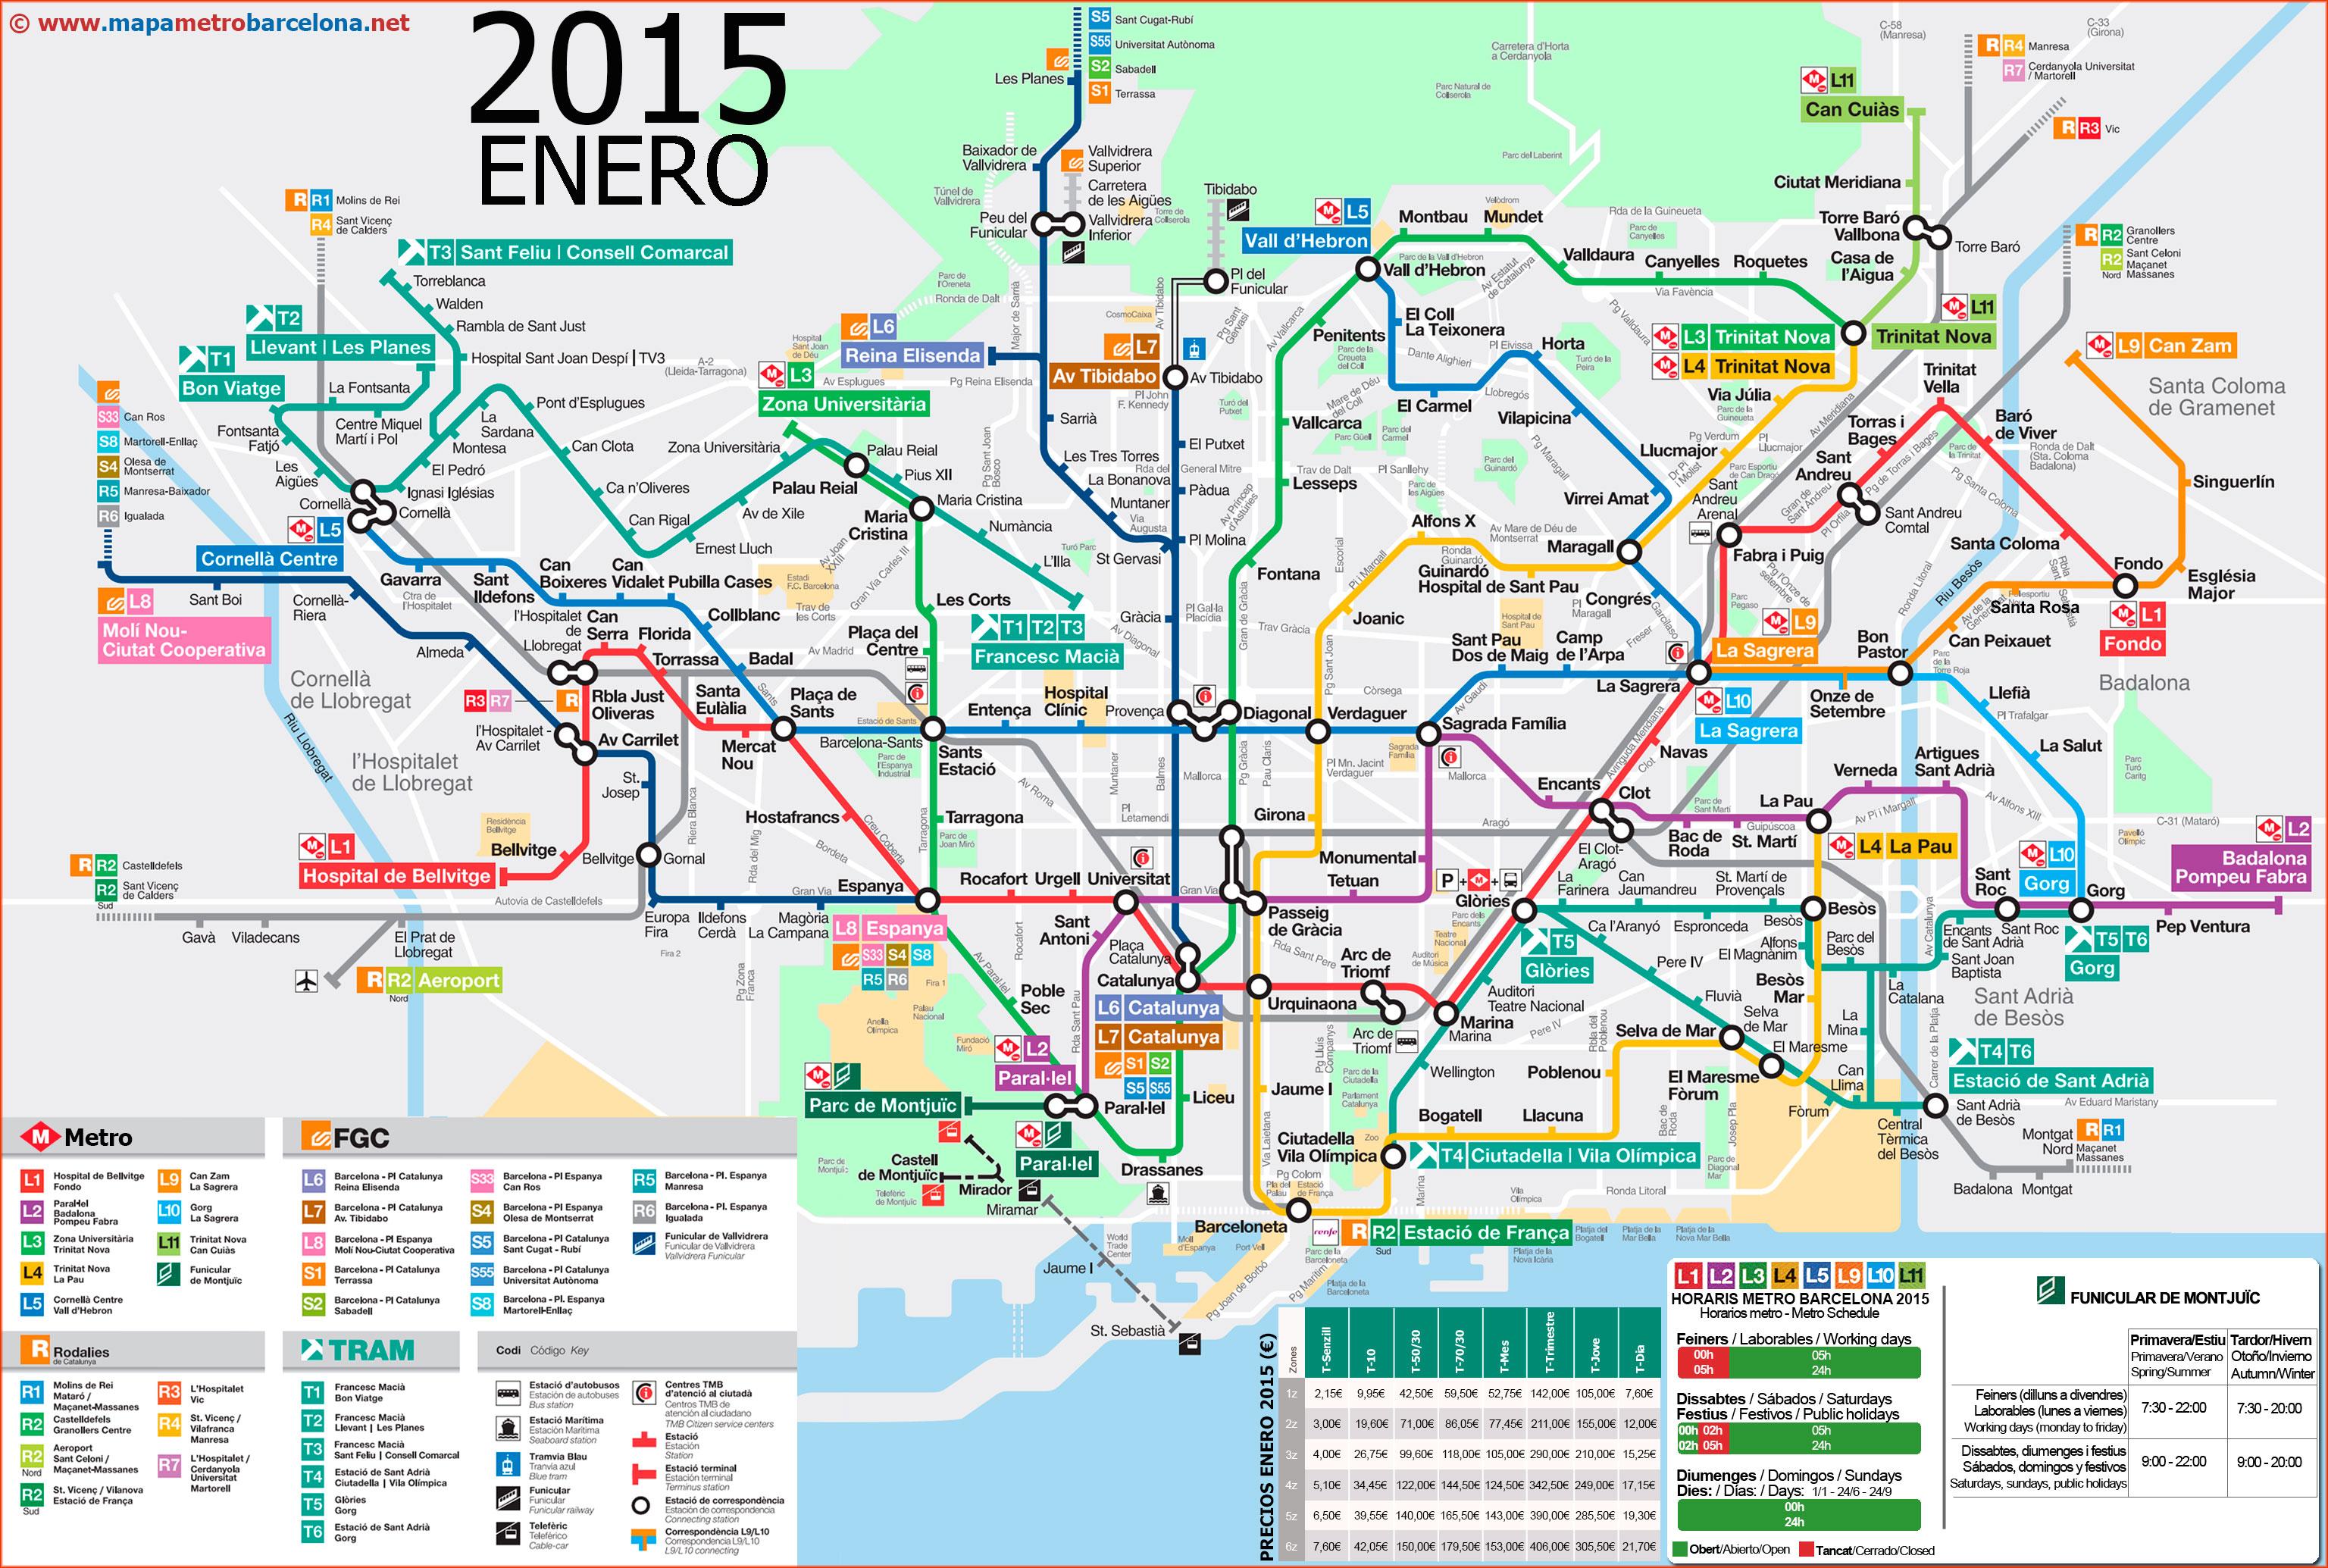 巴塞隆纳火车+地铁图 (点图可以放大)